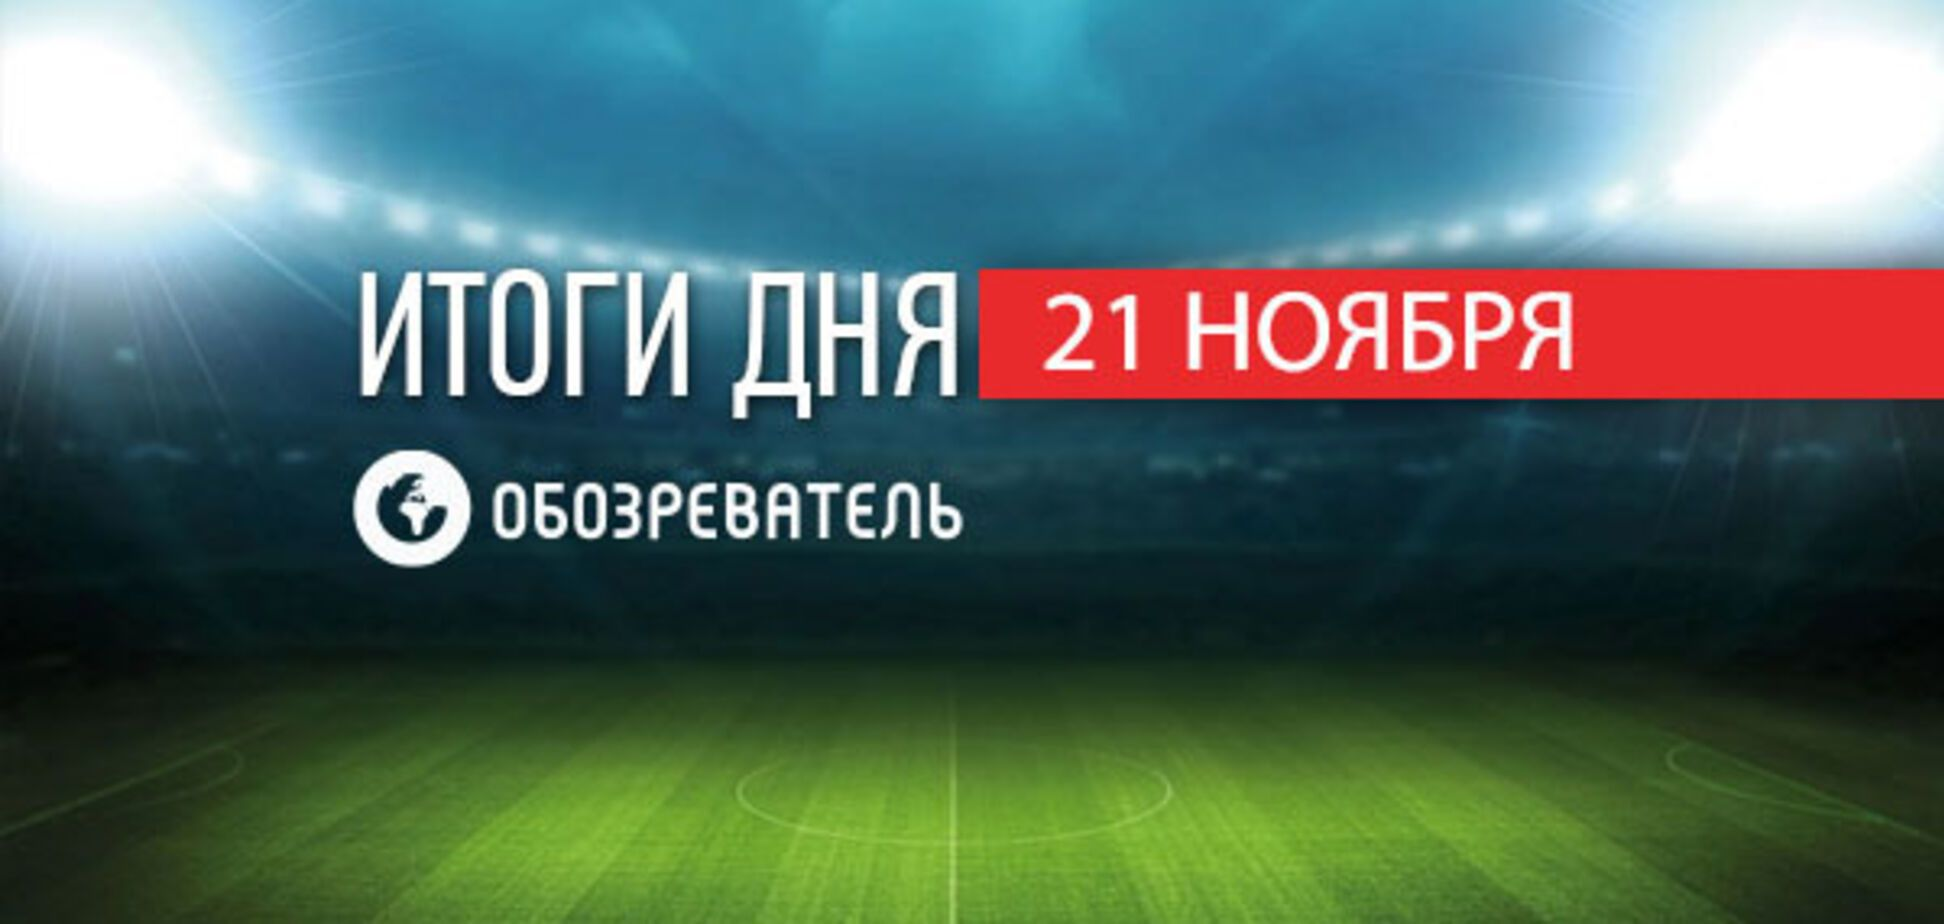 Свитолина показала необычное фото: спортивные итоги 21 ноября